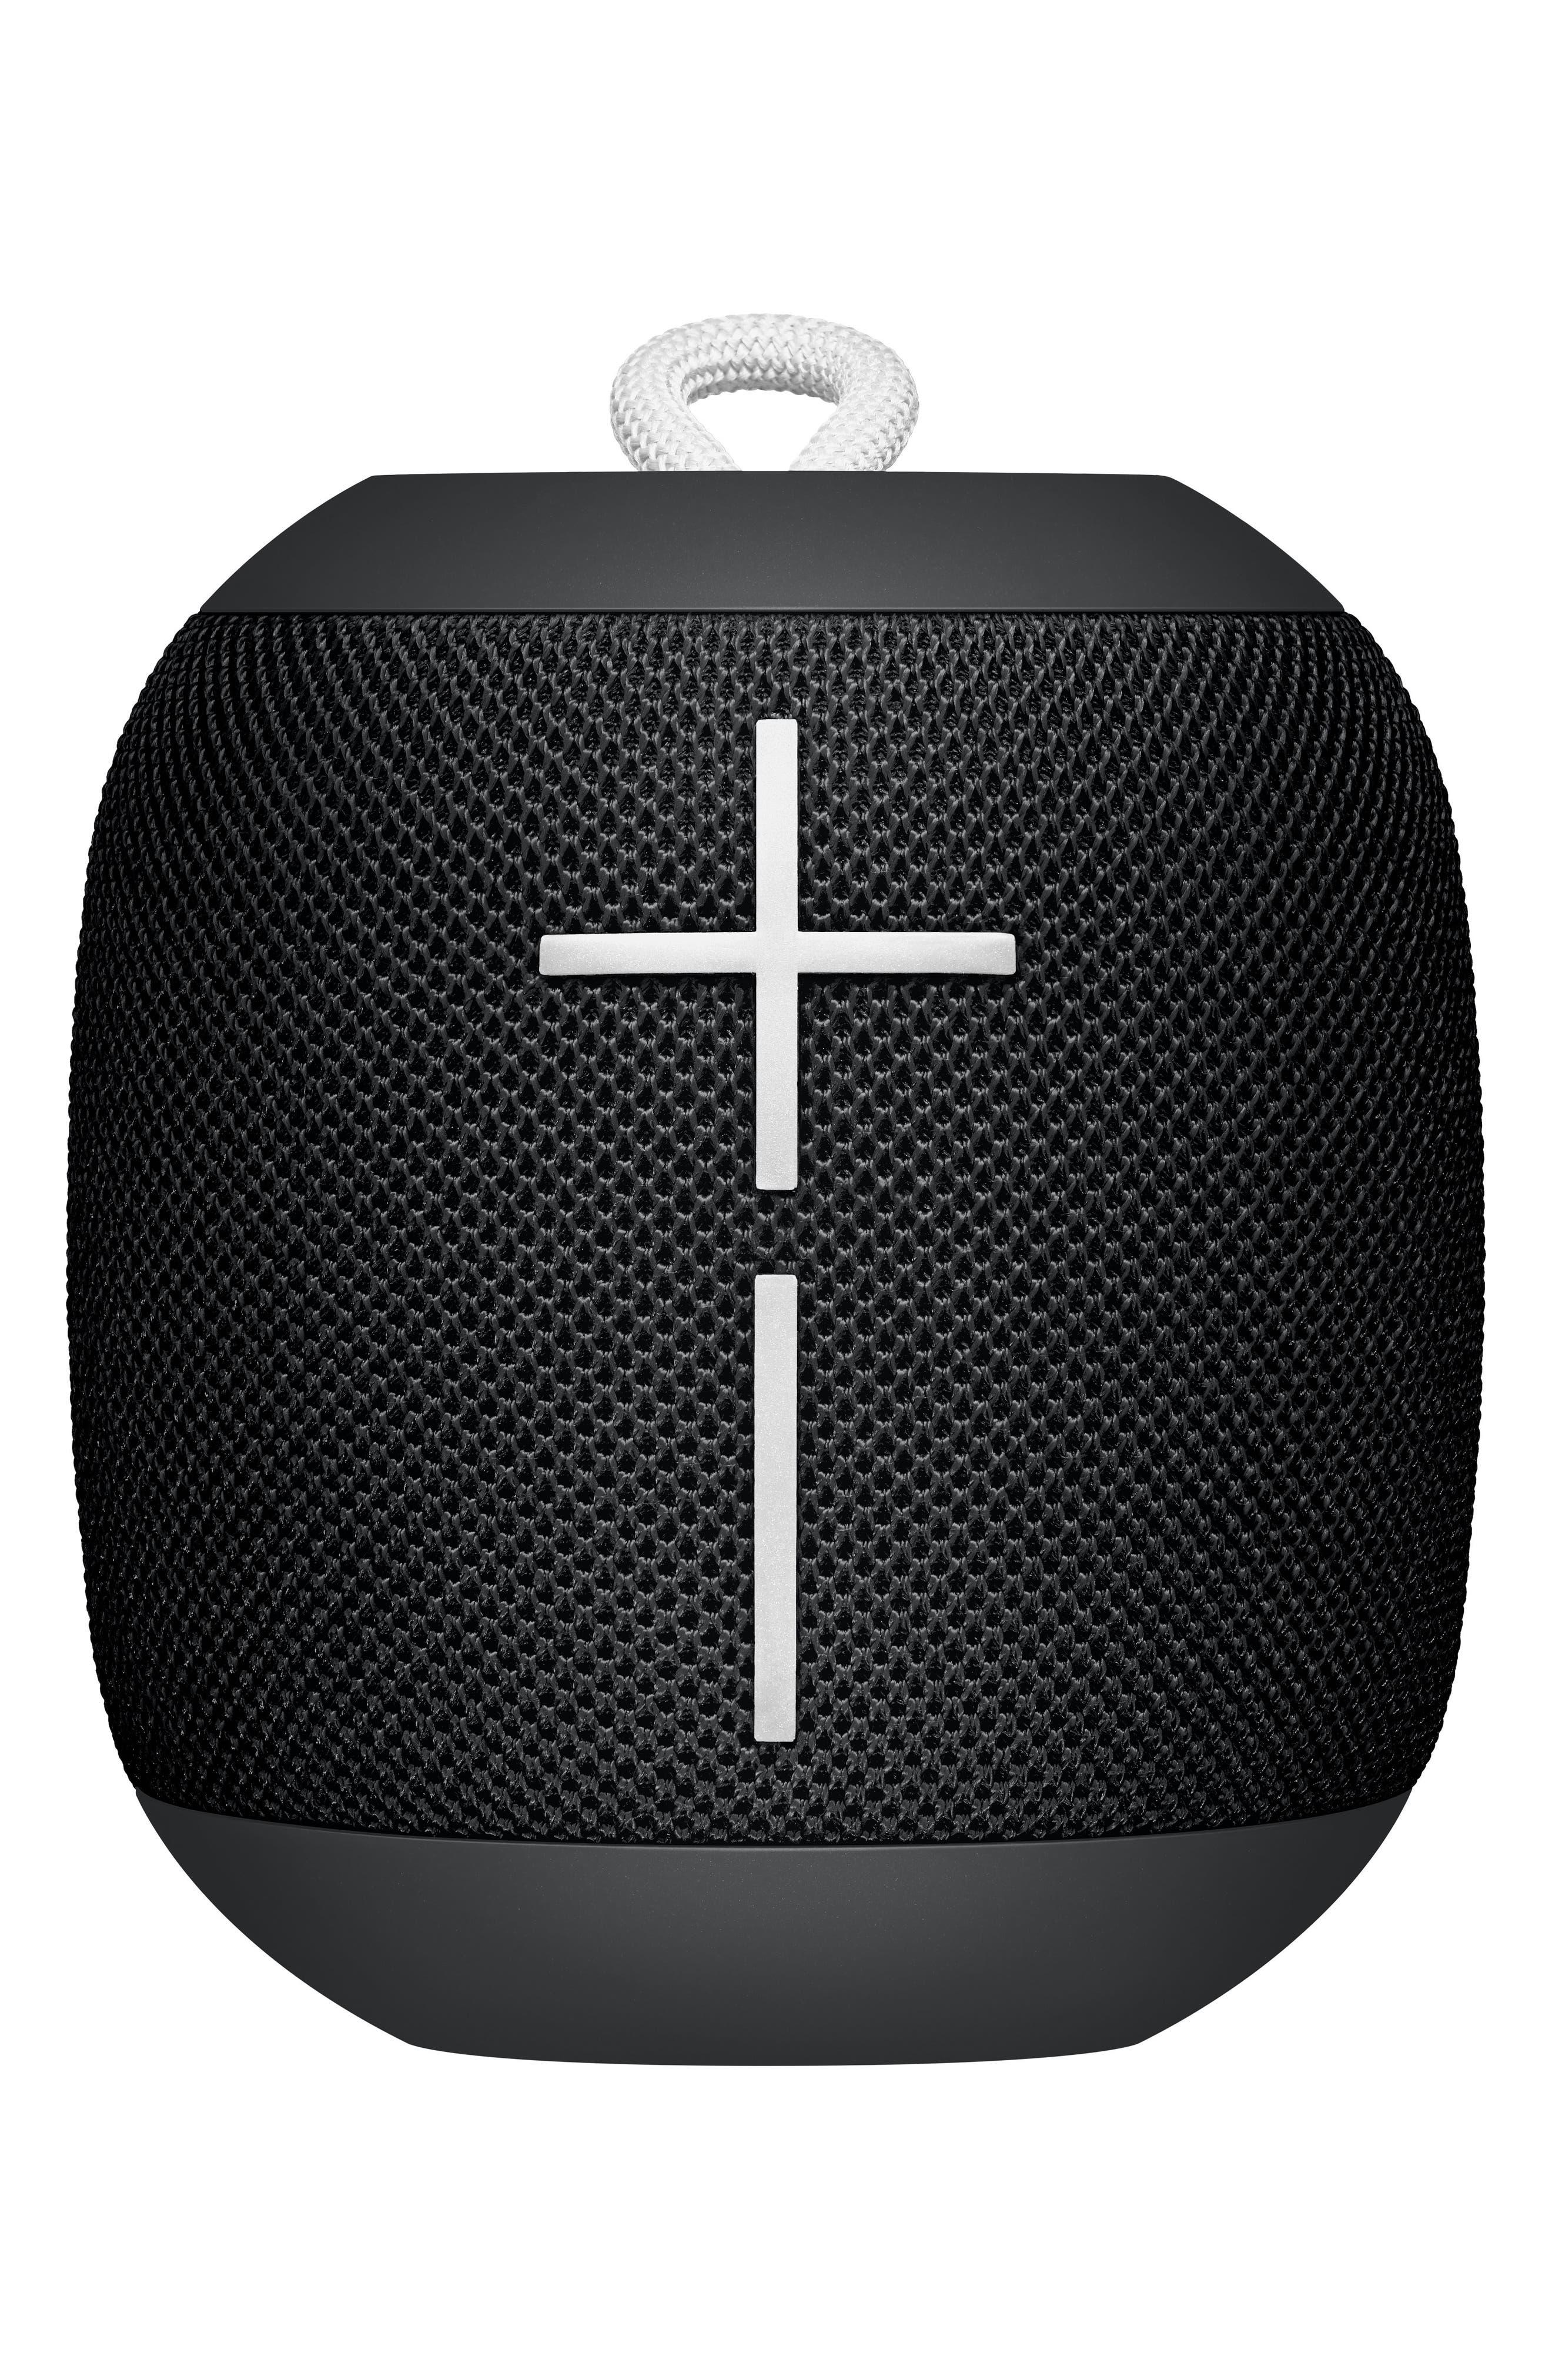 Ultimate Ears Wonderboom Portable Waterproof Bluetooth Speaker,                             Alternate thumbnail 2, color,                             Phantom Black